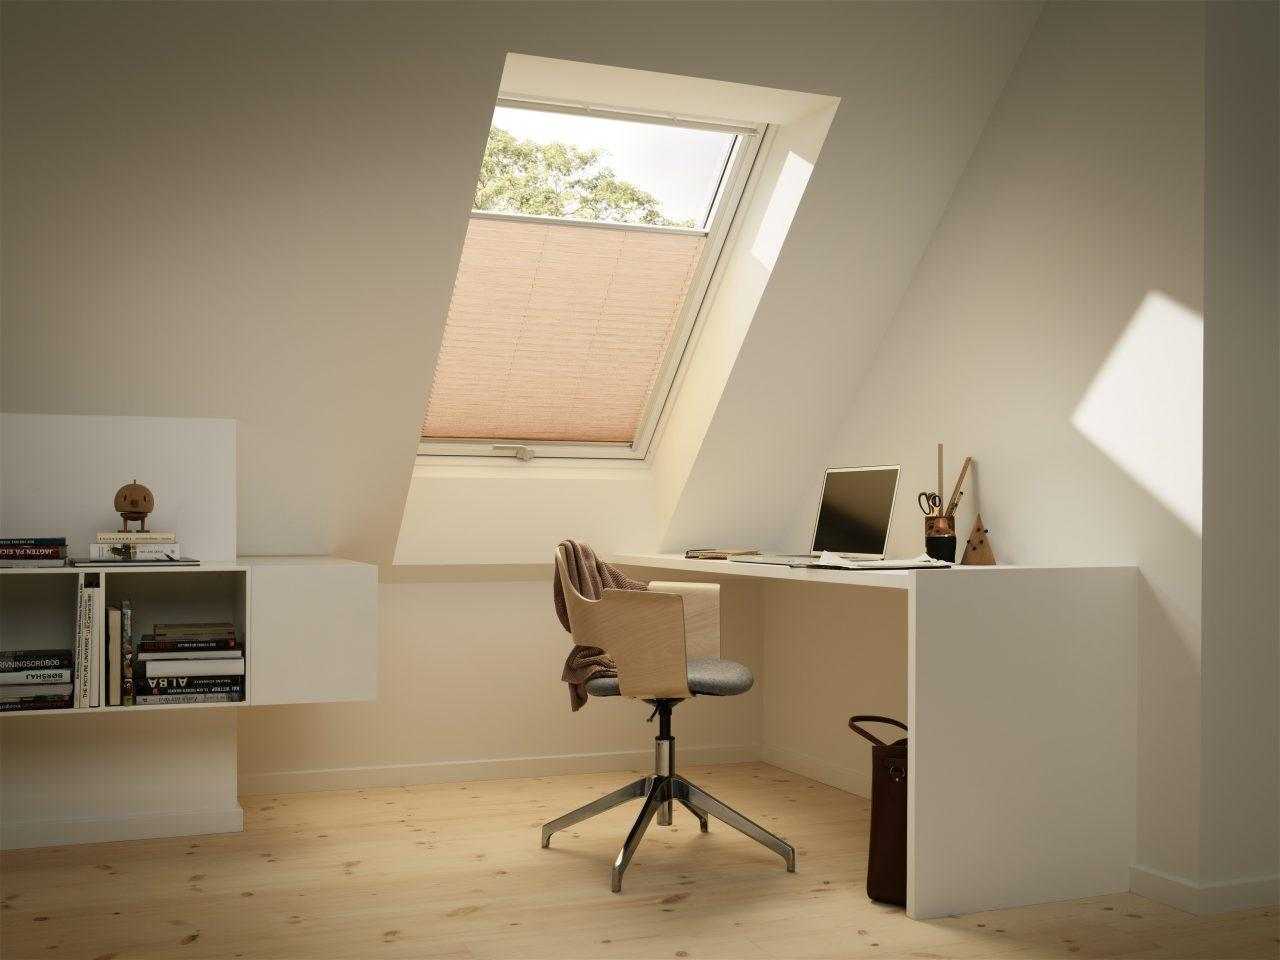 Tende filtranti plissettate filtrano la luce e isolano for Tende per finestre sottotetto